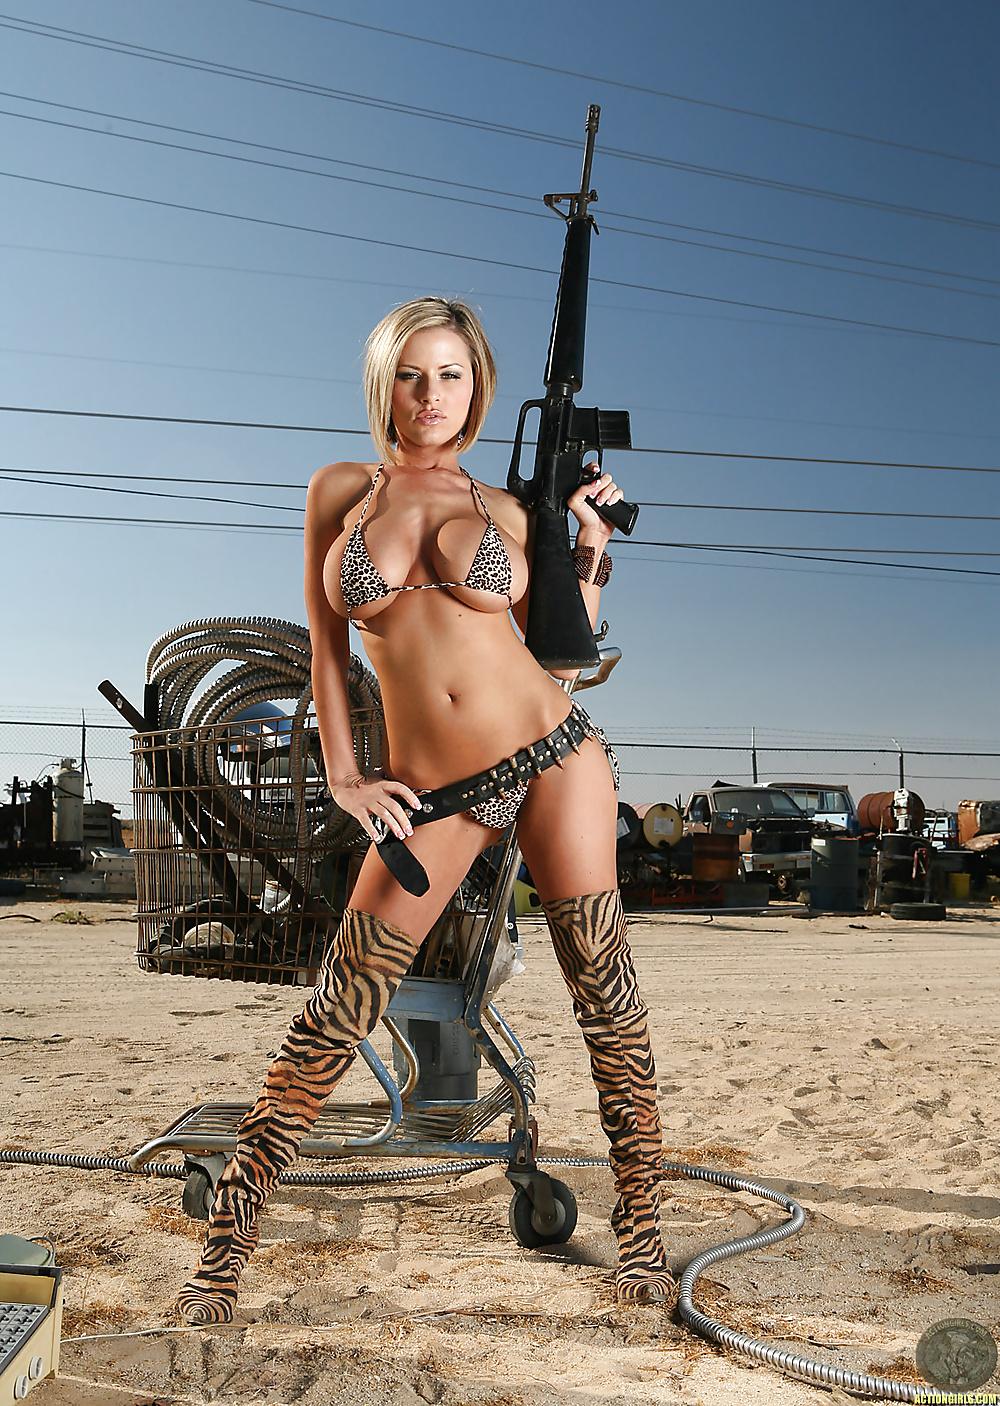 сущности, эротическое фото девушек с оружием увидел свой авианосец